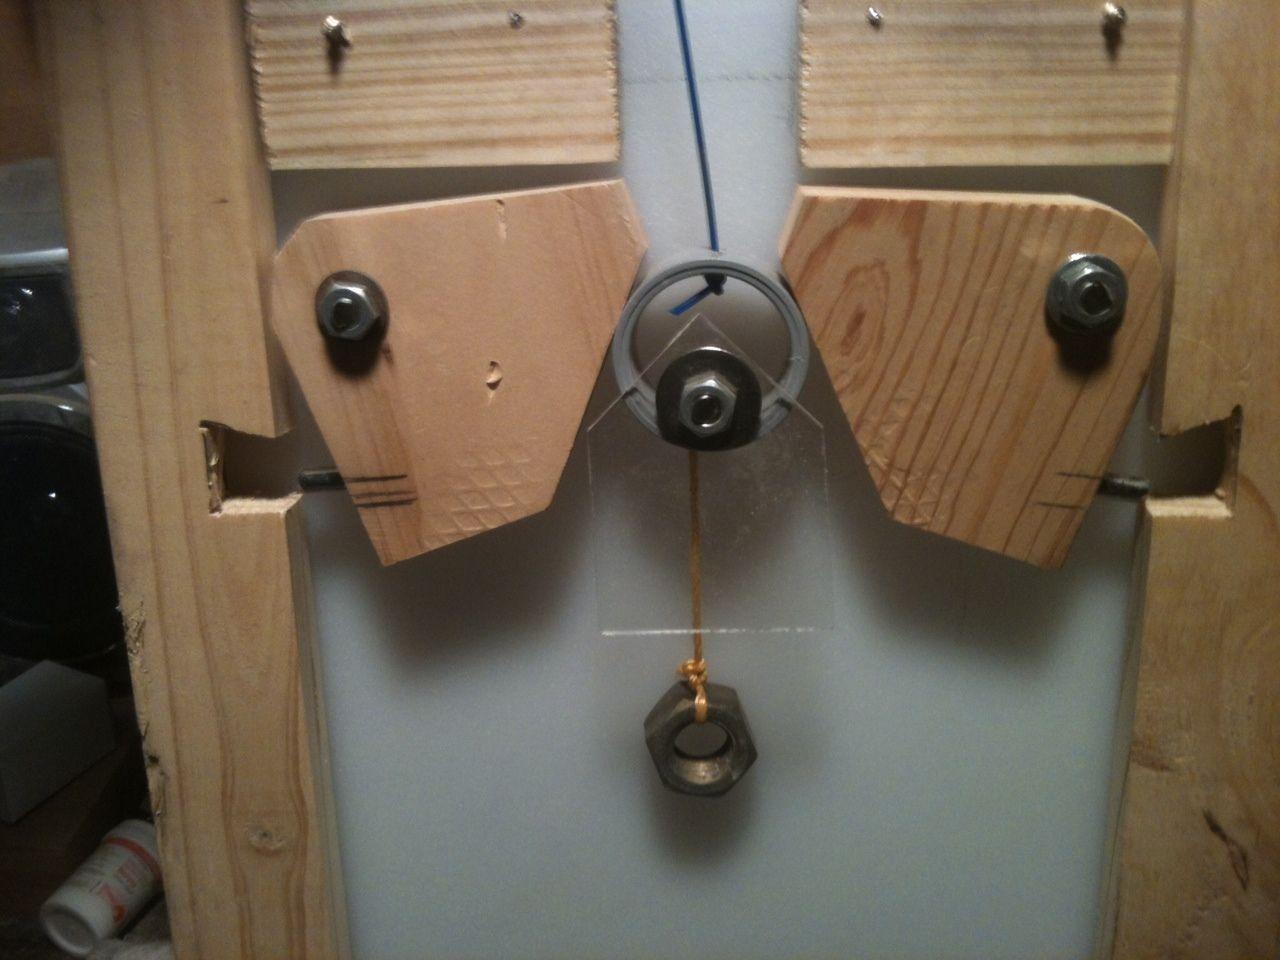 http://www.backyardchickens.com/forum/uploads/98066_autodoor2.jpg